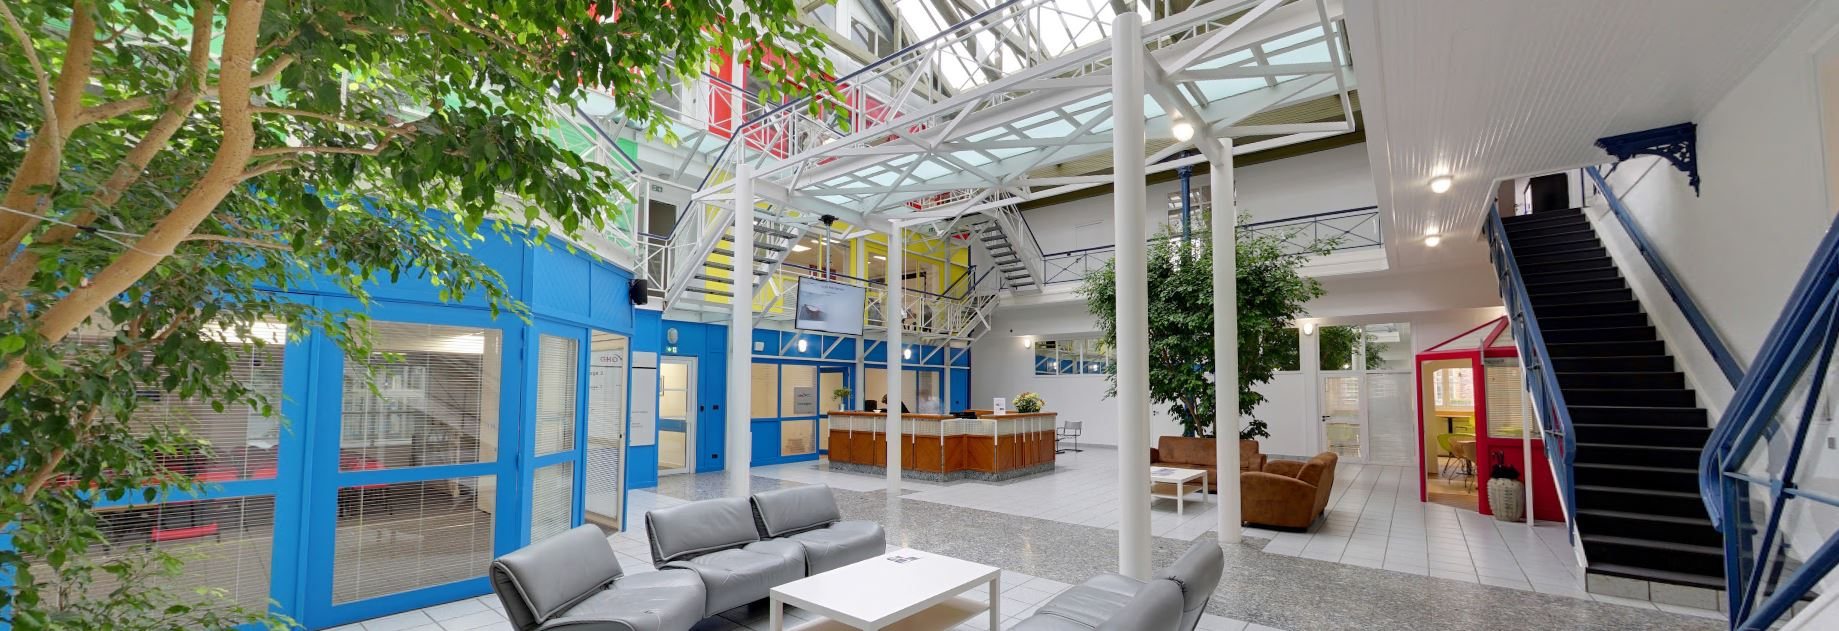 Visite Grande Halle Oberthur location bureaux et espace de coworking à Rennes